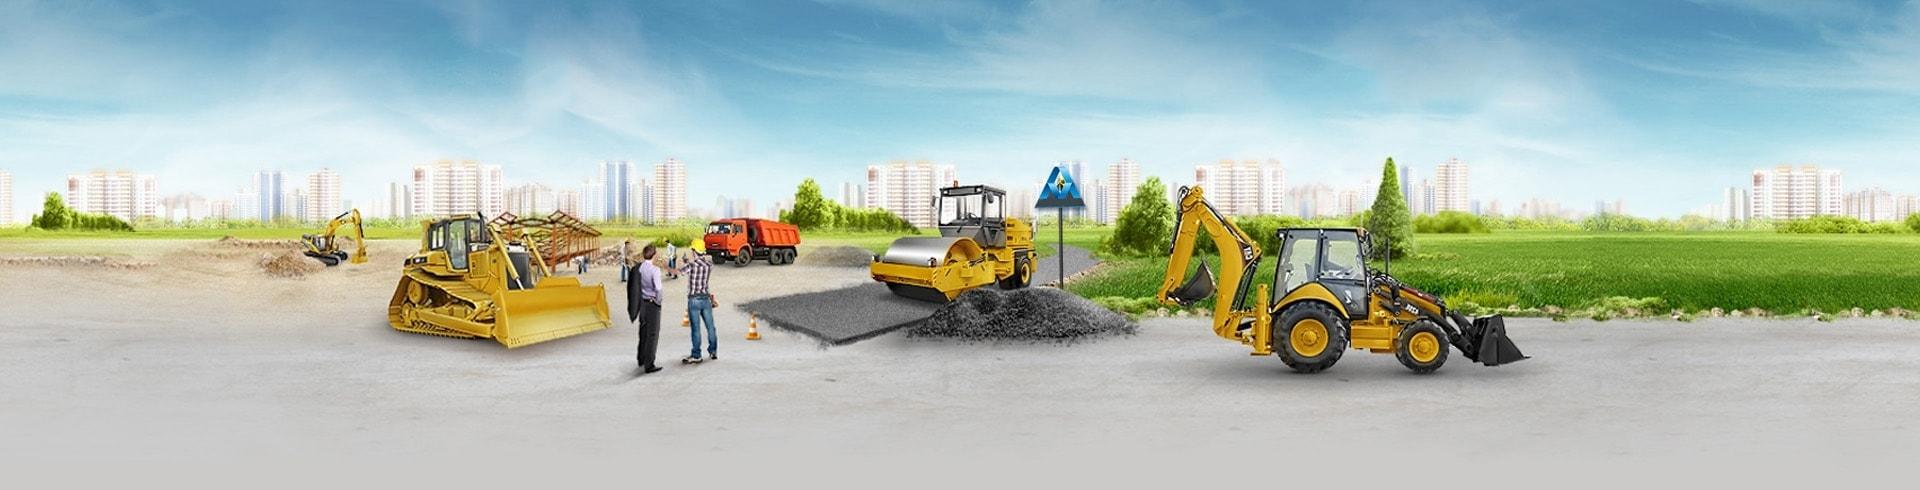 Дорожные ремонтно-строительные работы